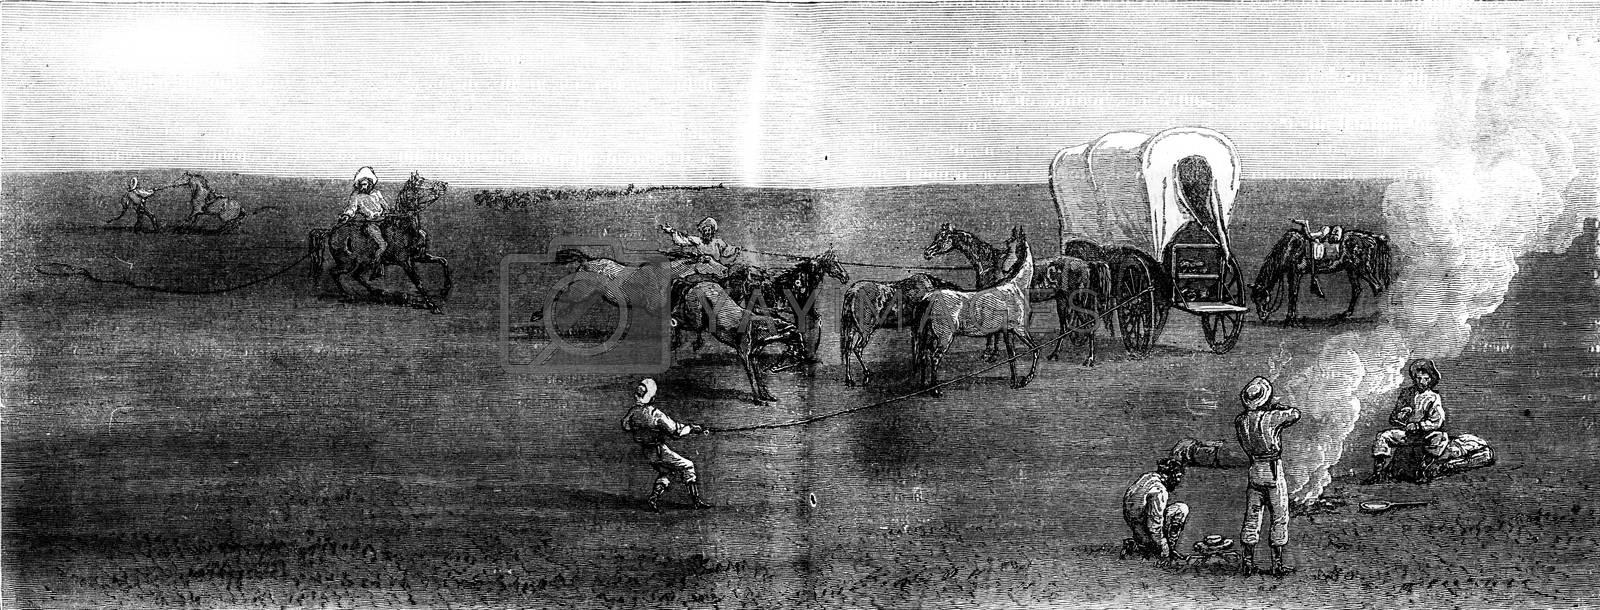 Herds in the distance. The entourage, vintage engraved illustration. Journal des Voyages, Travel Journal, (1879-80).